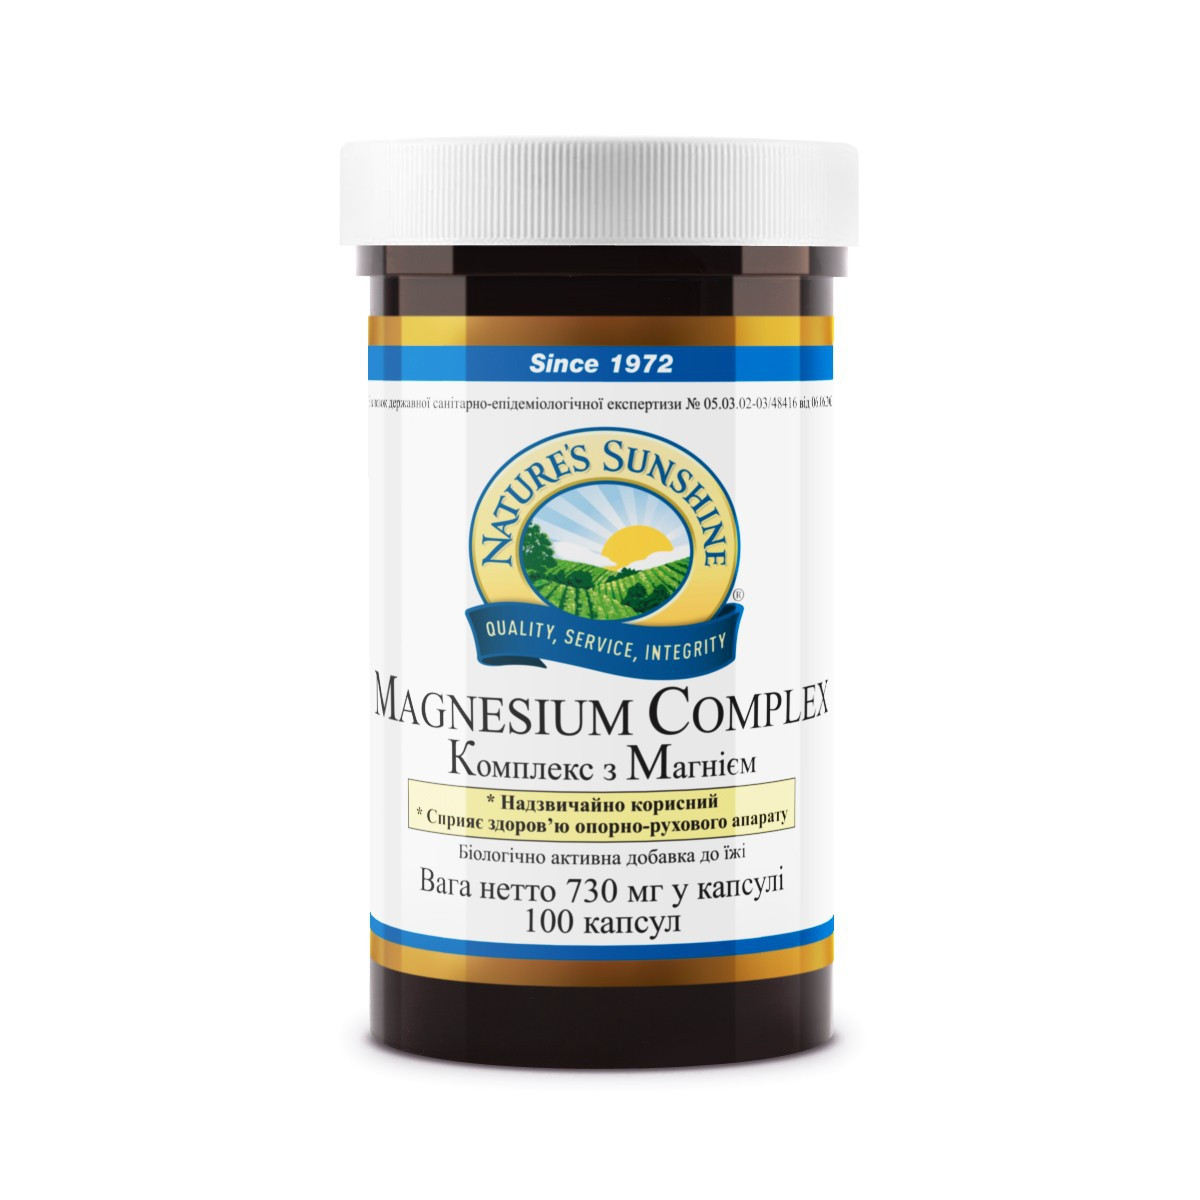 Magnesium complex Магний Хелат, NSP, НСП, США. Поддержка скелетной системы человека.